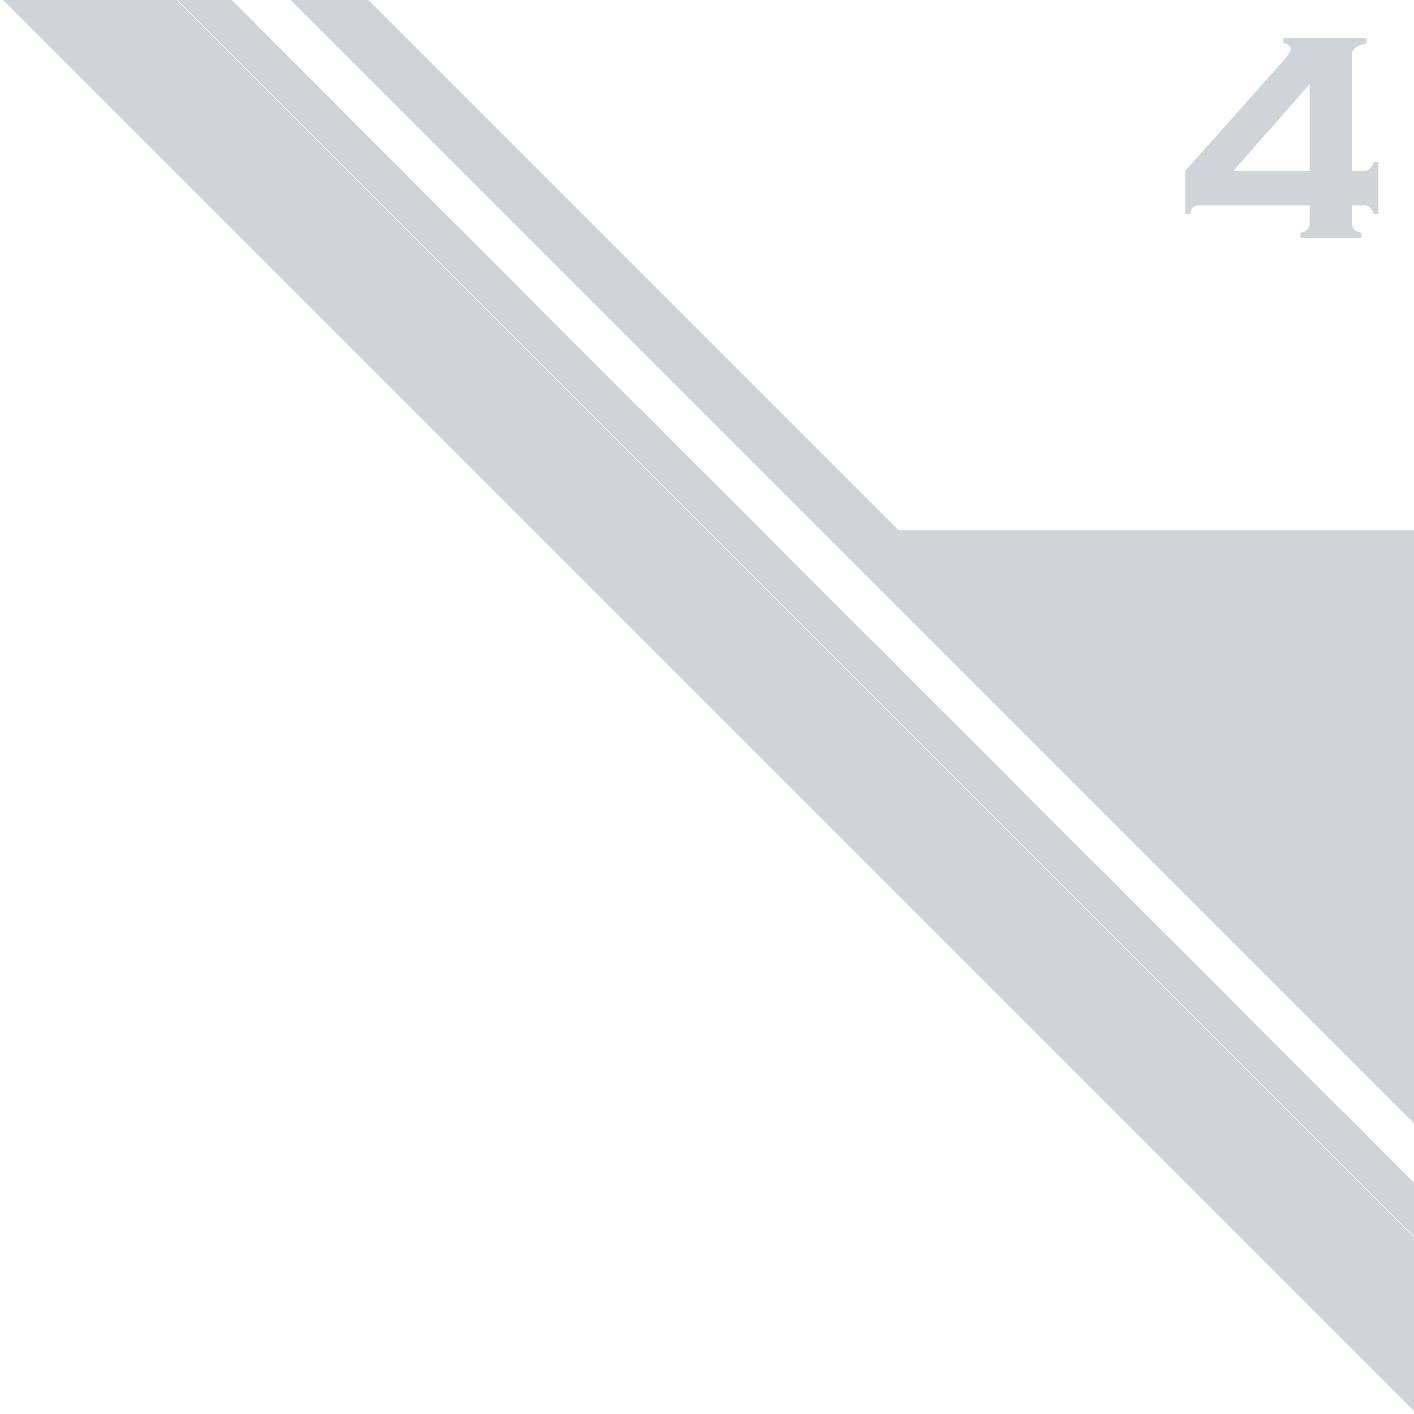 4-X-S's Profile Picture